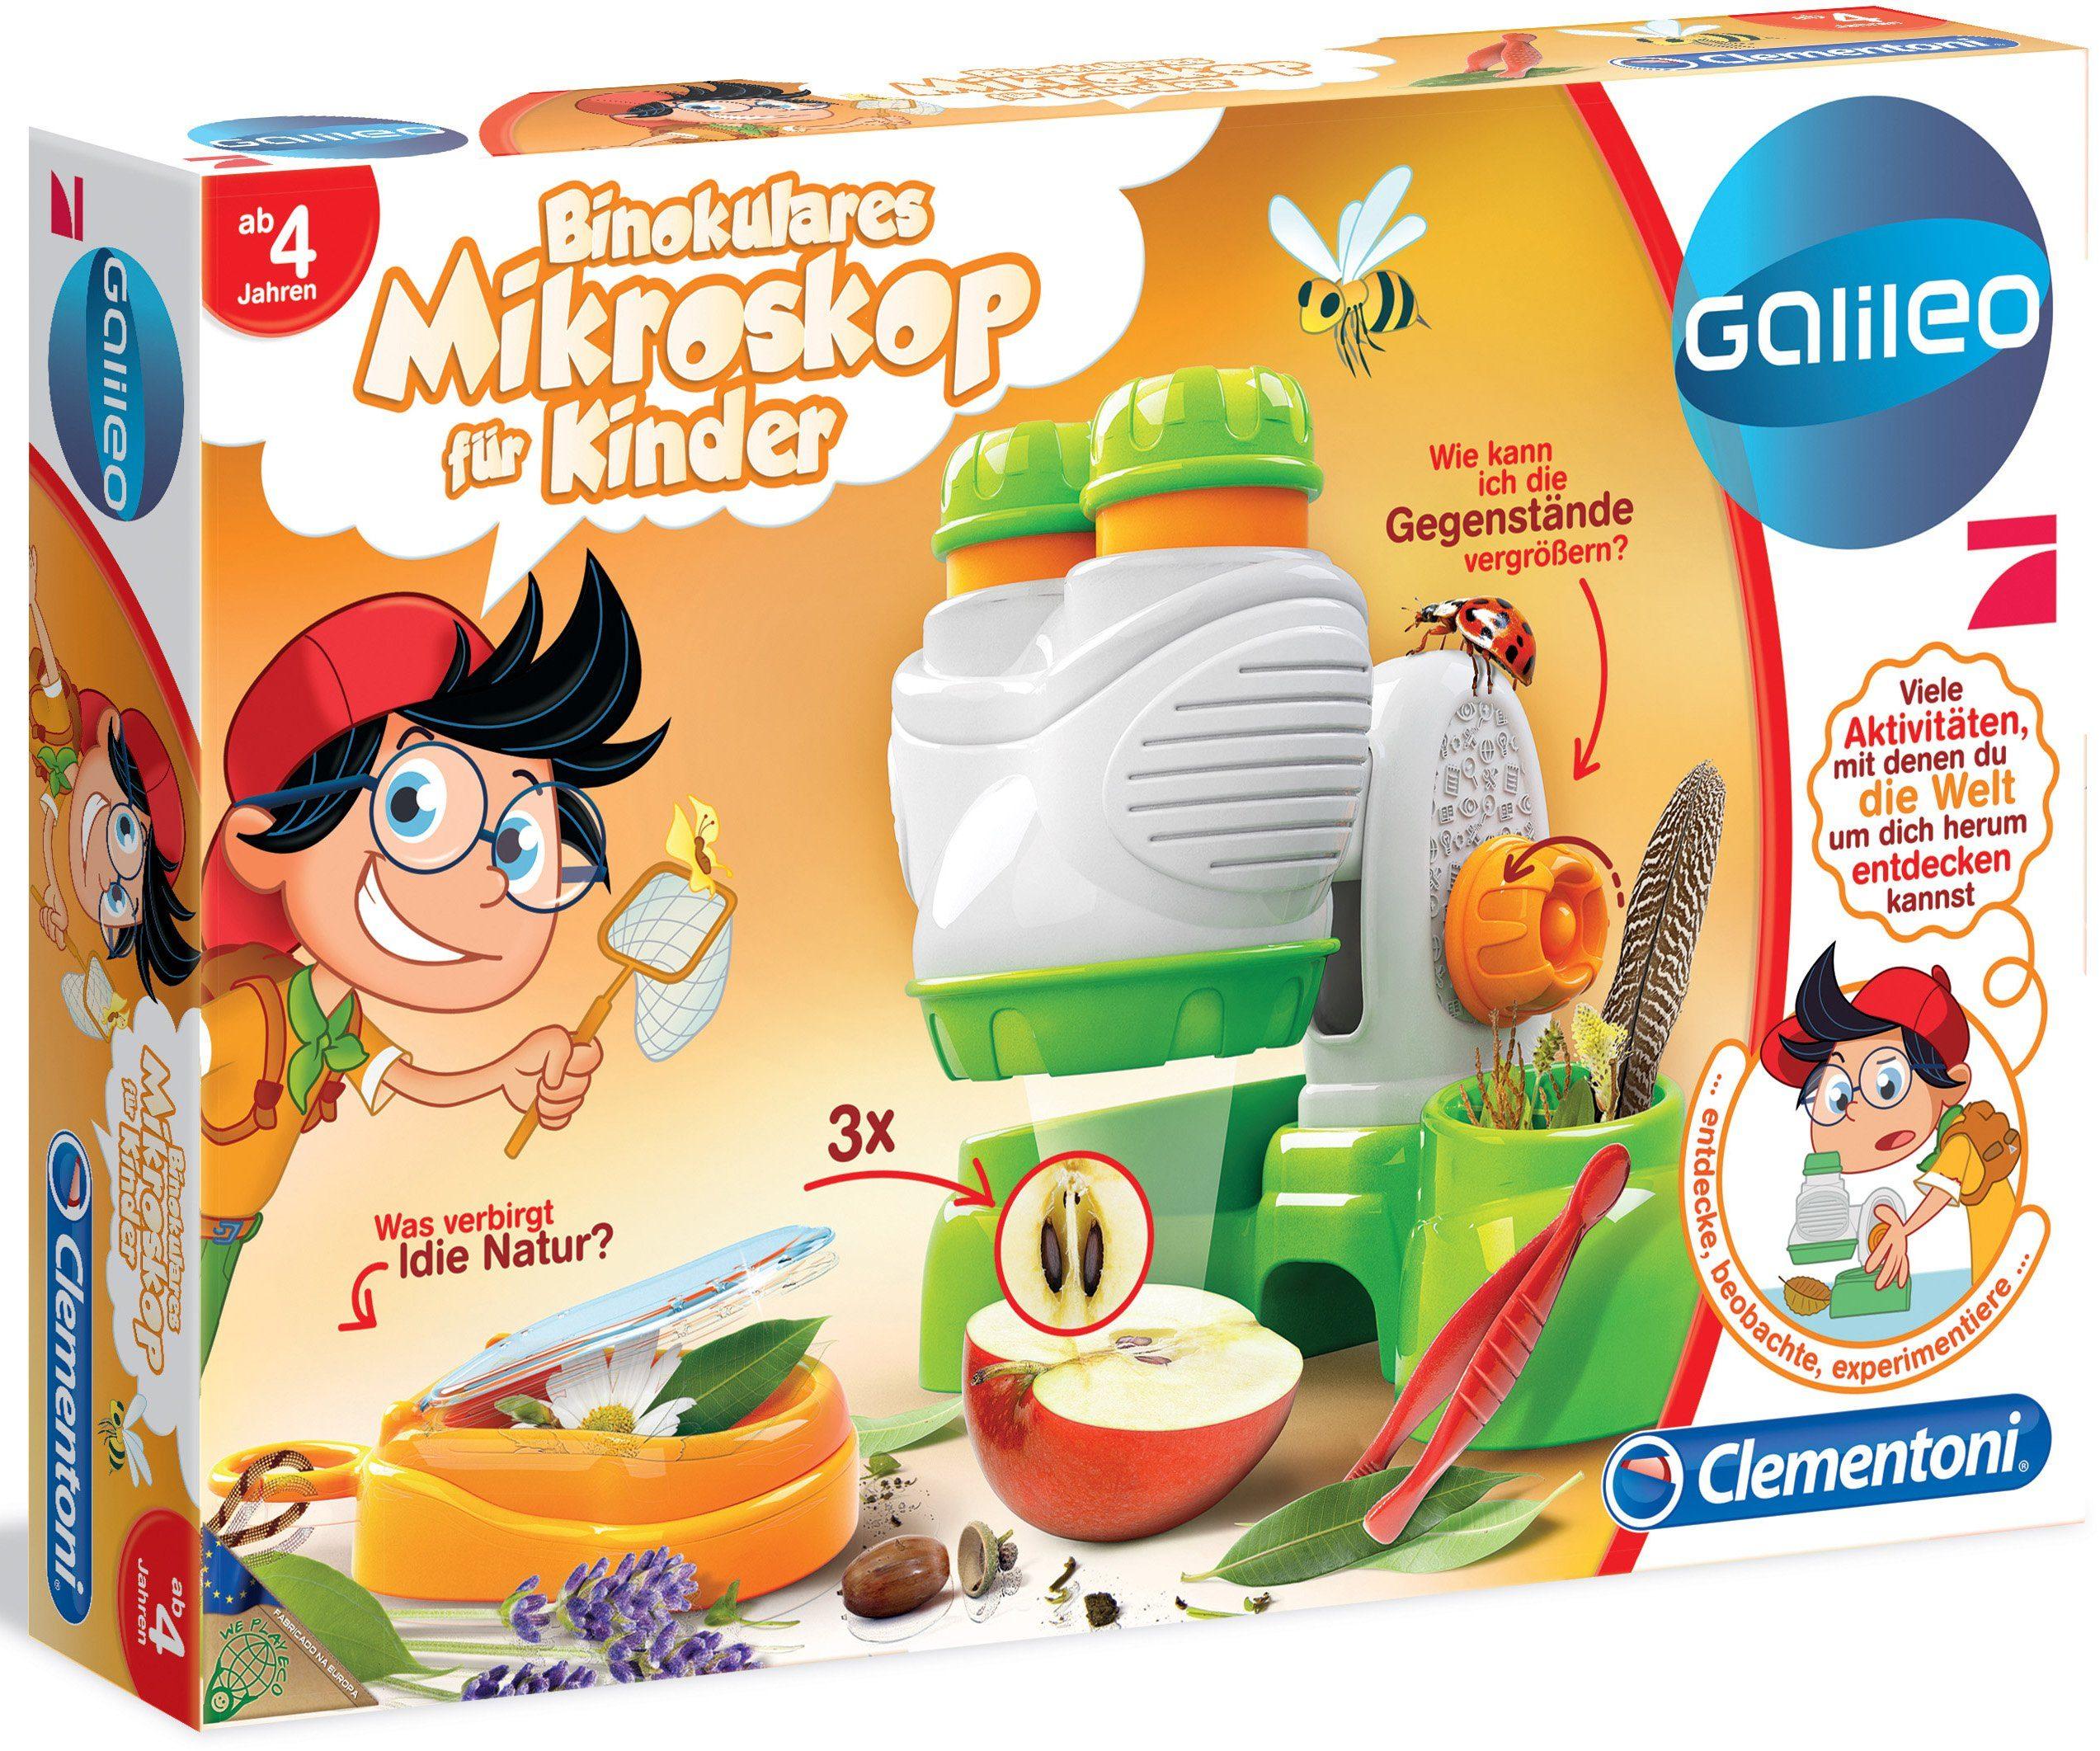 Clementoni Experimentierkasten, »Galileo Binokulares Mikroskop für Kinder«